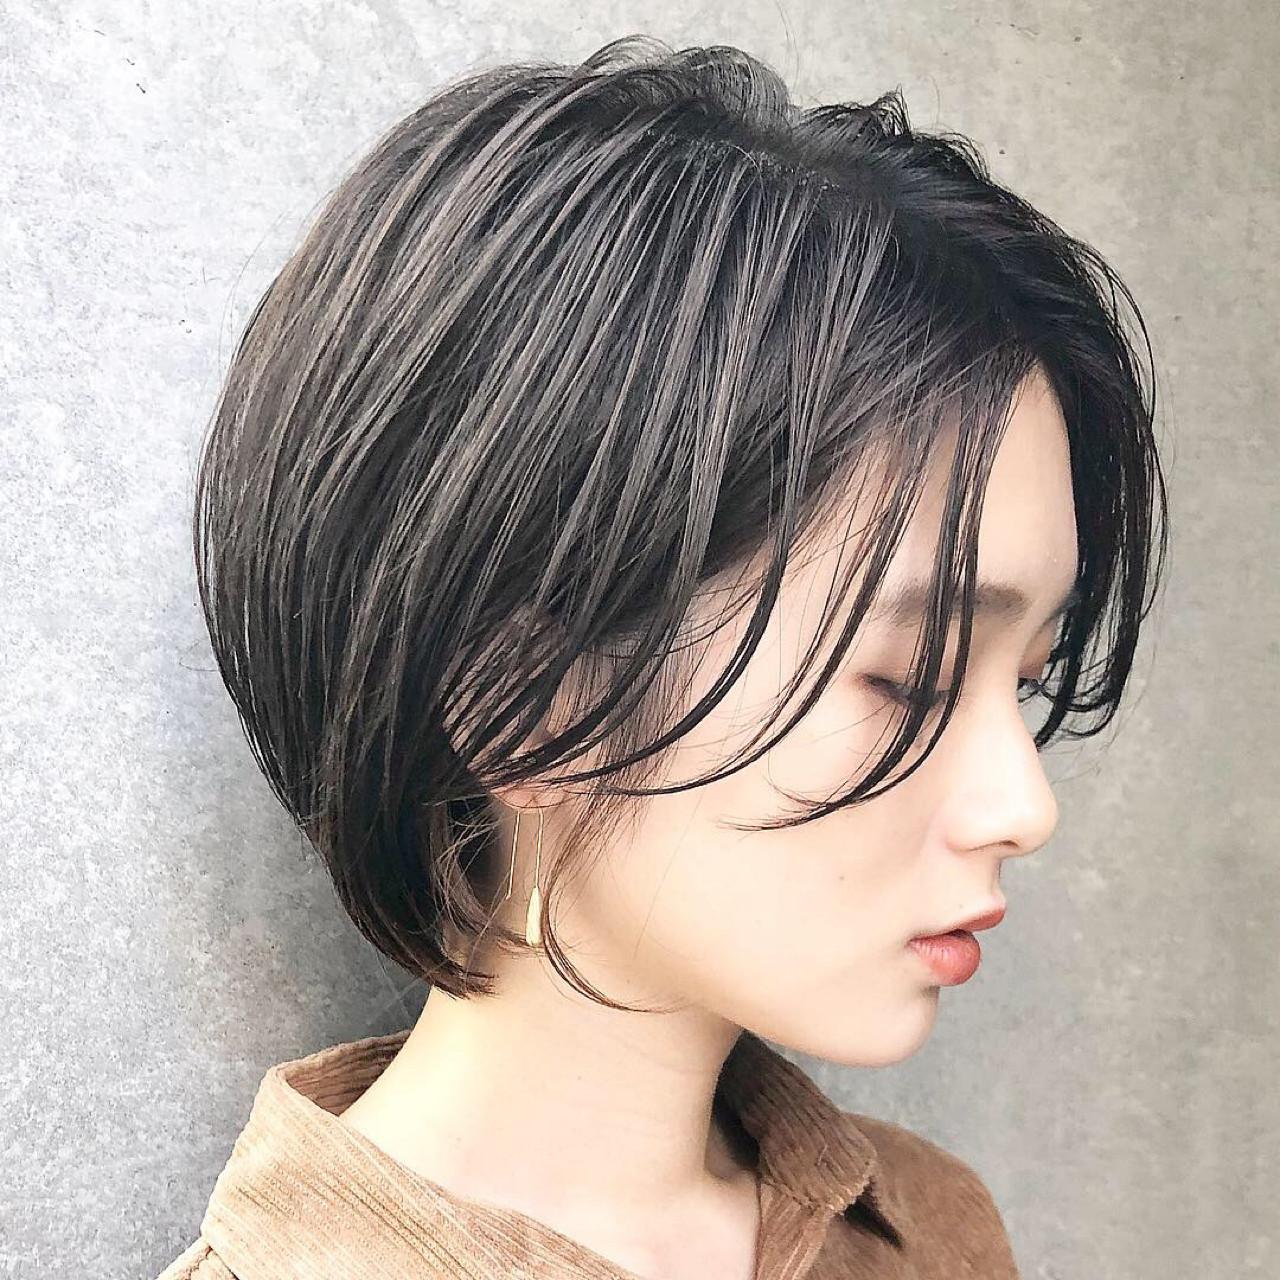 ナチュラル ヘアアレンジ アウトドア 簡単ヘアアレンジ ヘアスタイルや髪型の写真・画像